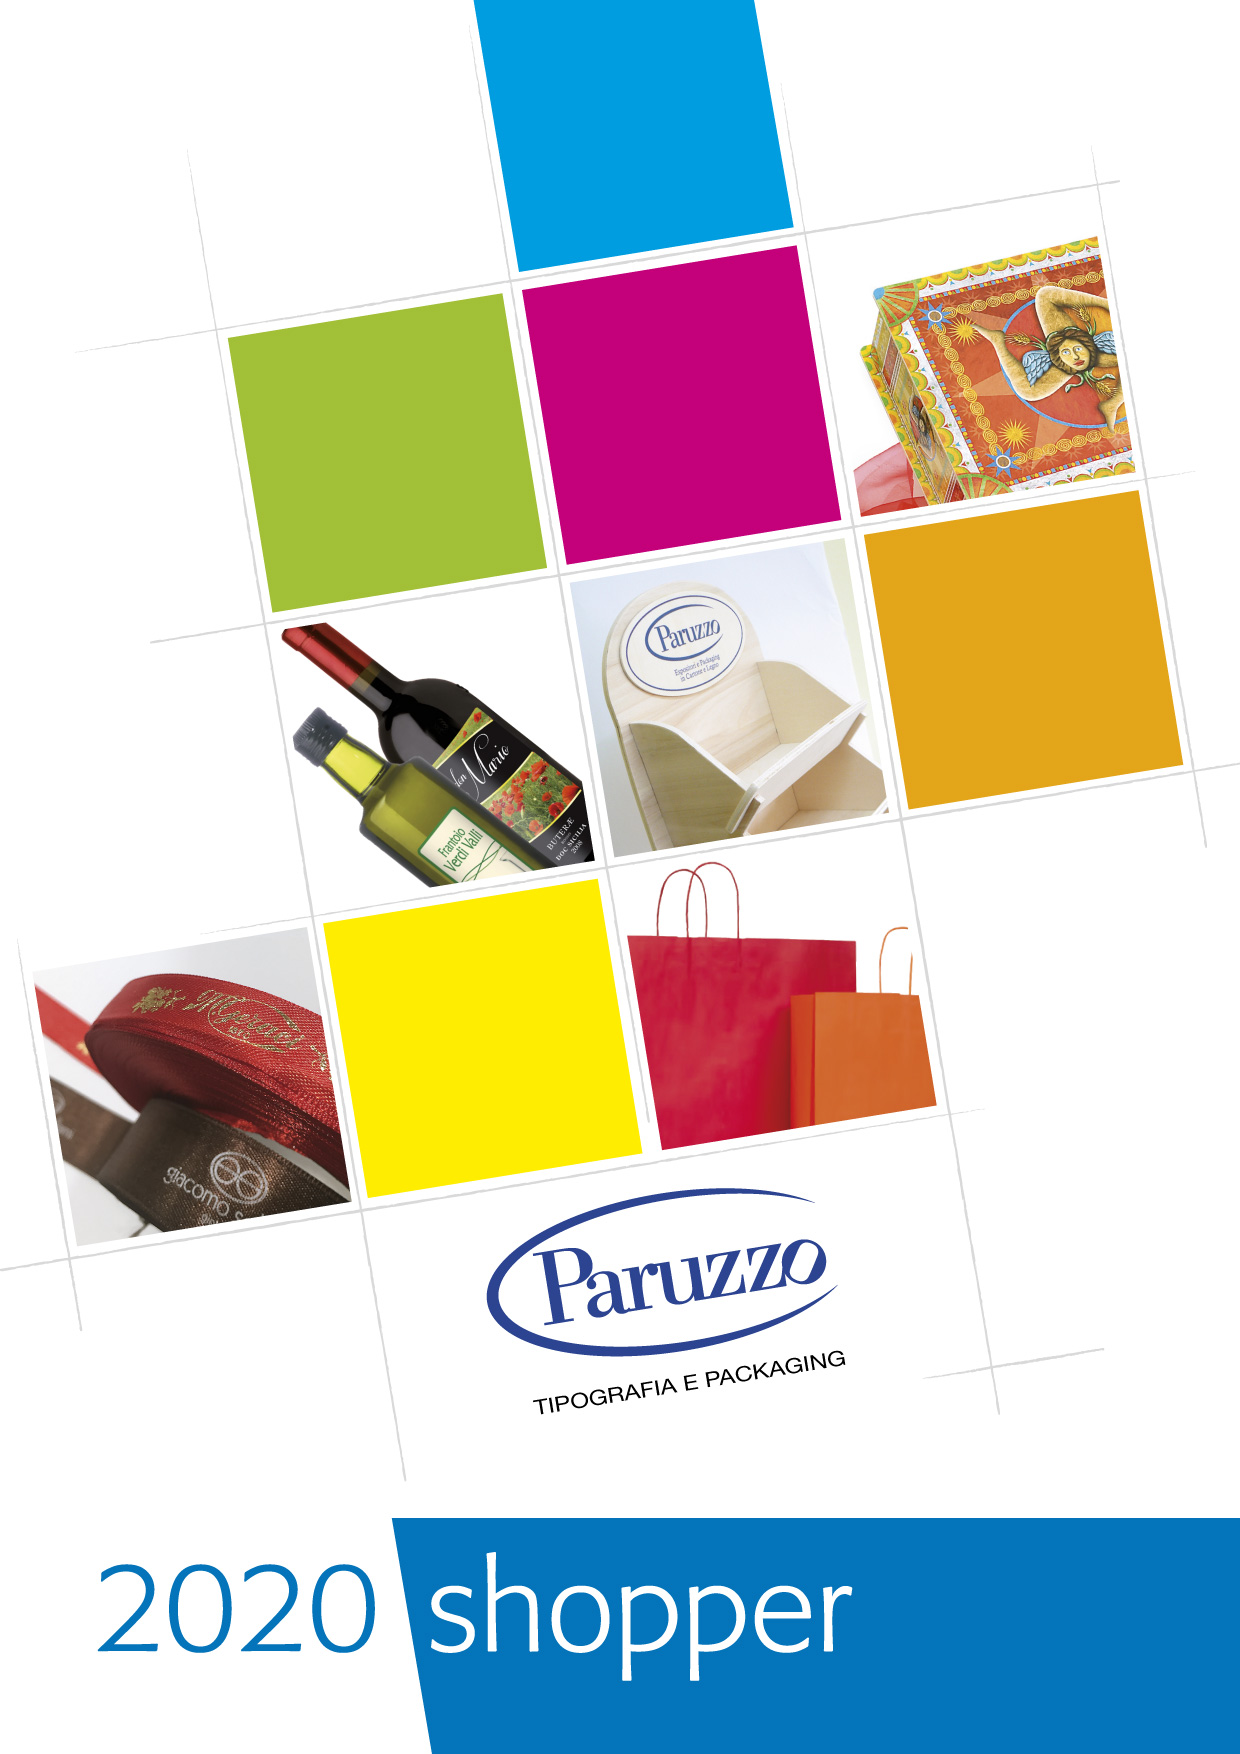 catalogo shopper personalizzati, catalogo sacchetti personalizzati, catalogo shopper stampati, catalogo sacchetti stampati, shopper bag personalizzati